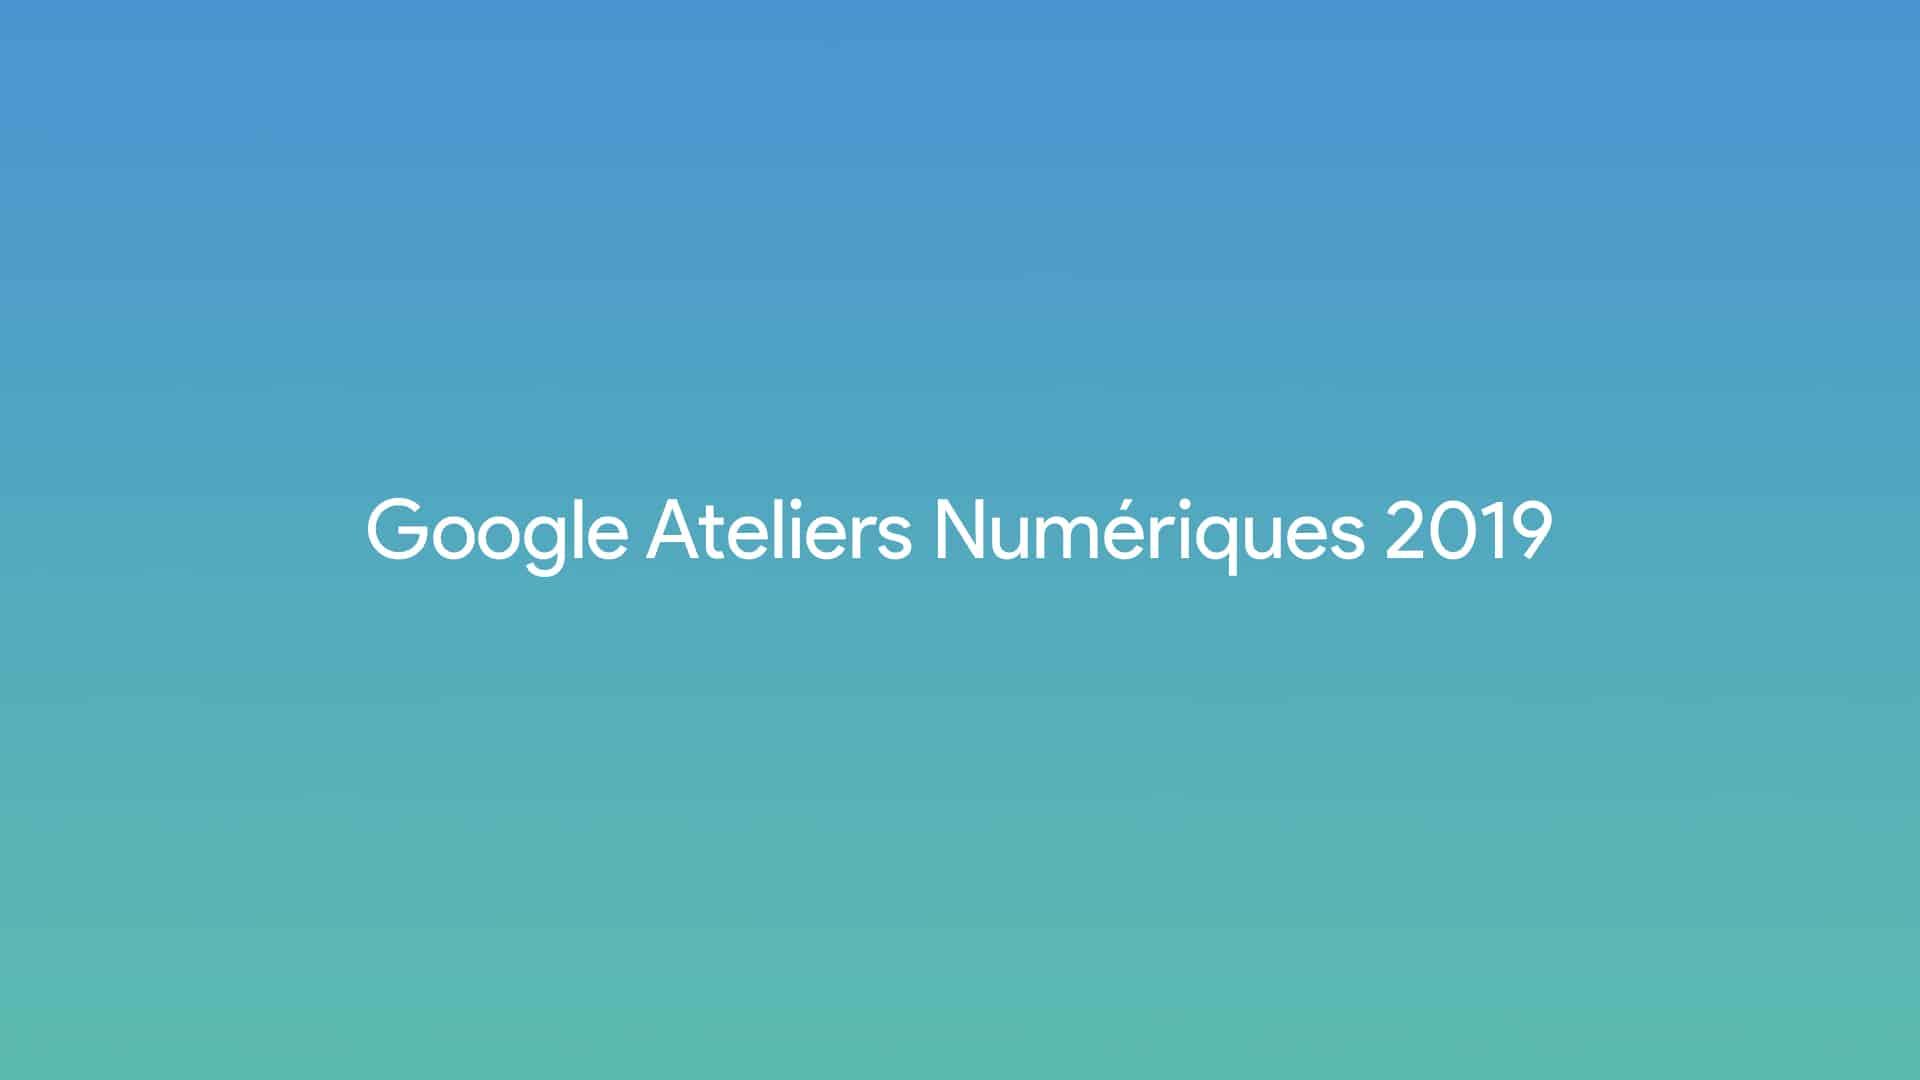 formation ateliers numériques google webmarketing digital